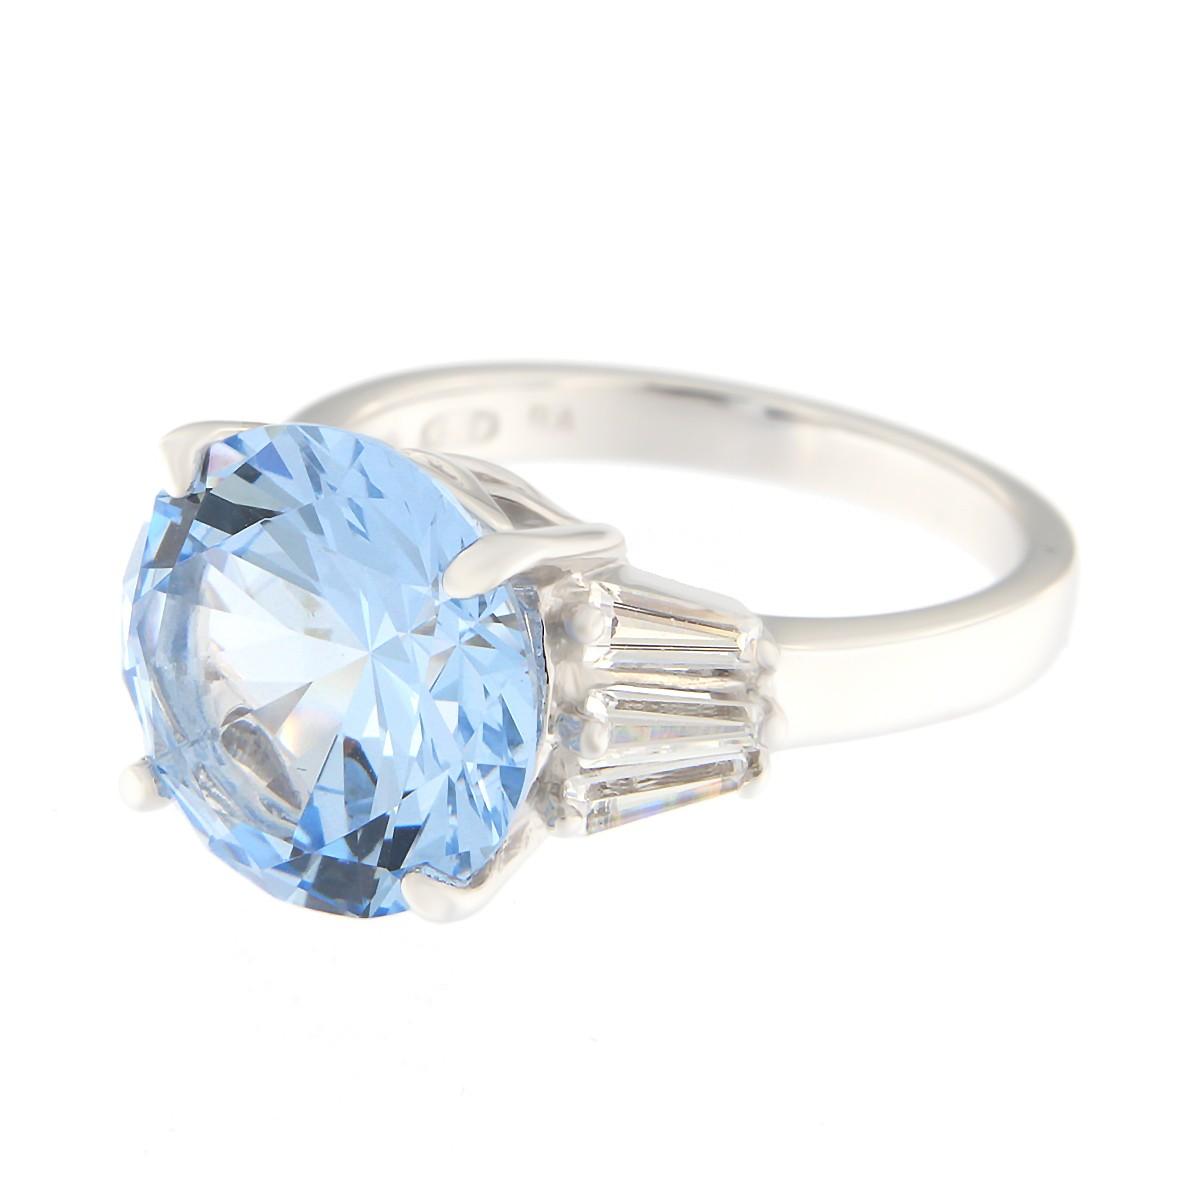 Hõbedast sõrmus Gioialite kividega Kood: AN5424-RO-DAQ küljelt